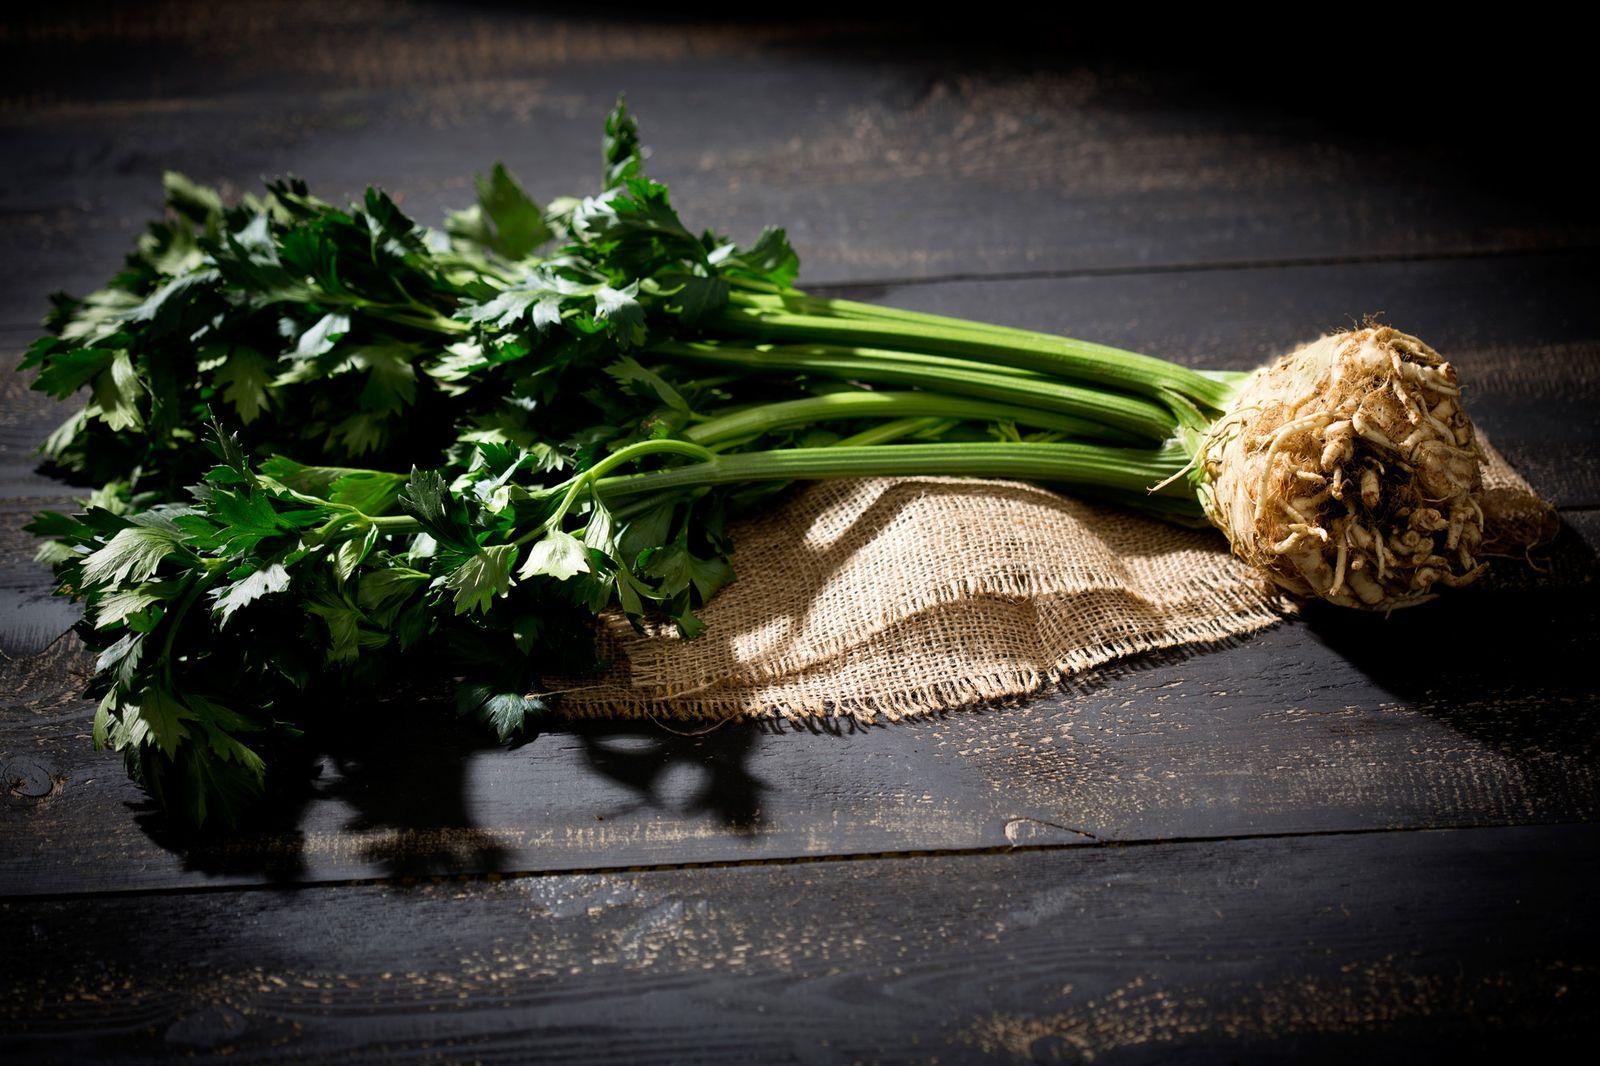 NICHT MEHR VERWENDEN! - Sellerie / Gemüse